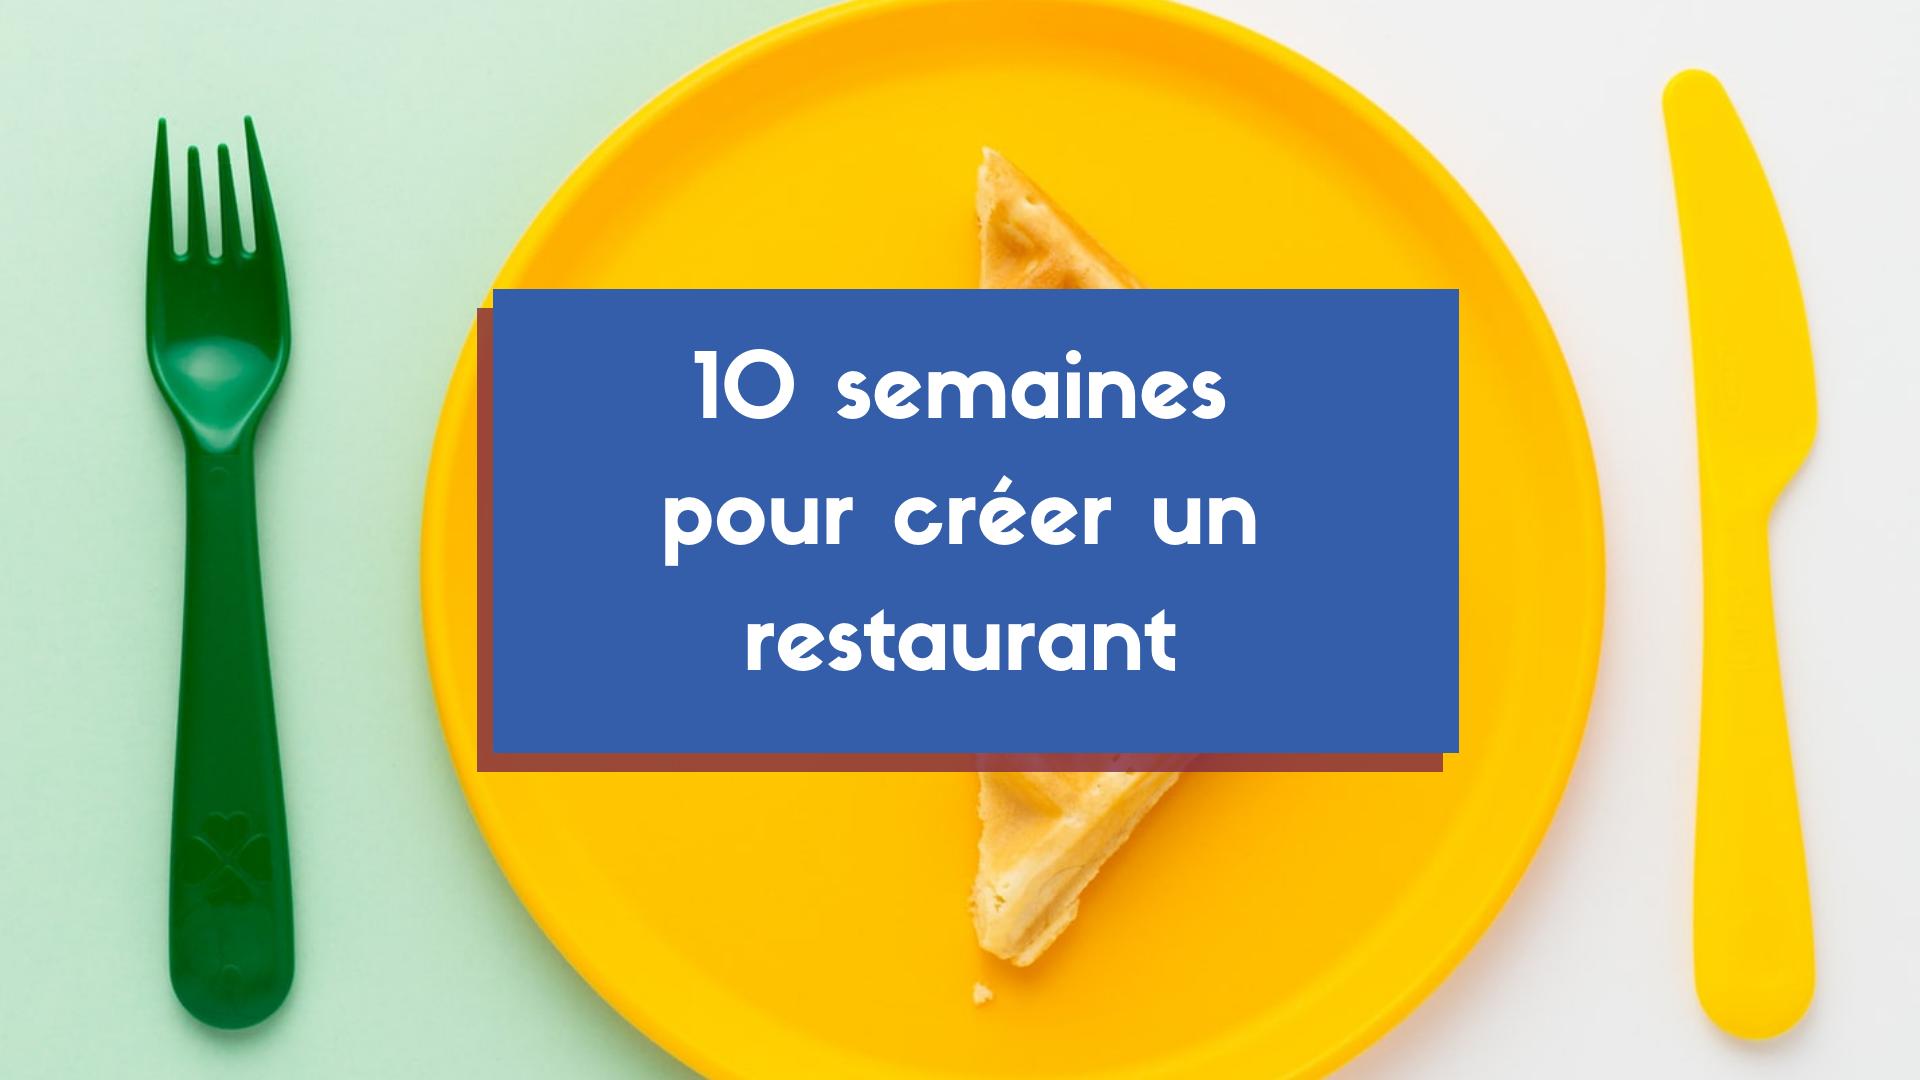 10 semaines pour ouvrir un restaurant